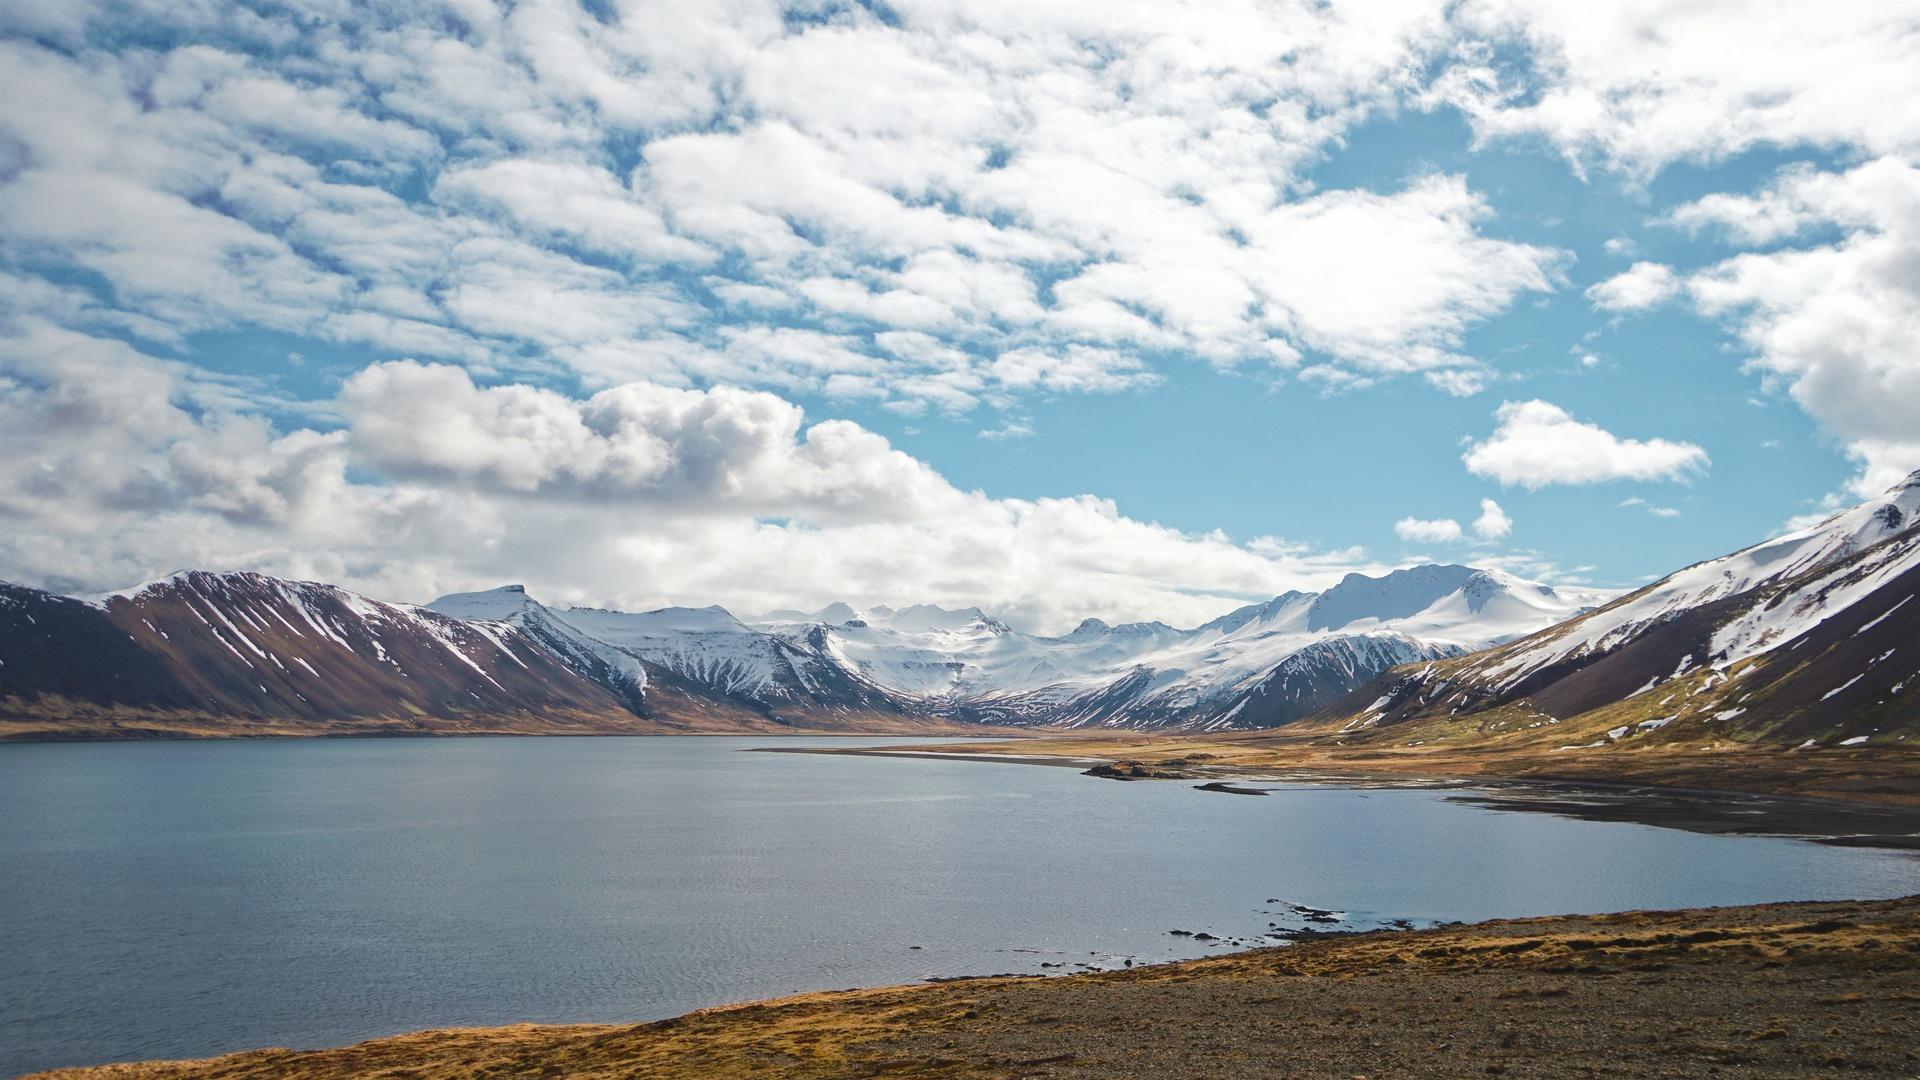 горы, озеро, облака, природа, пейзаж, небо, снег